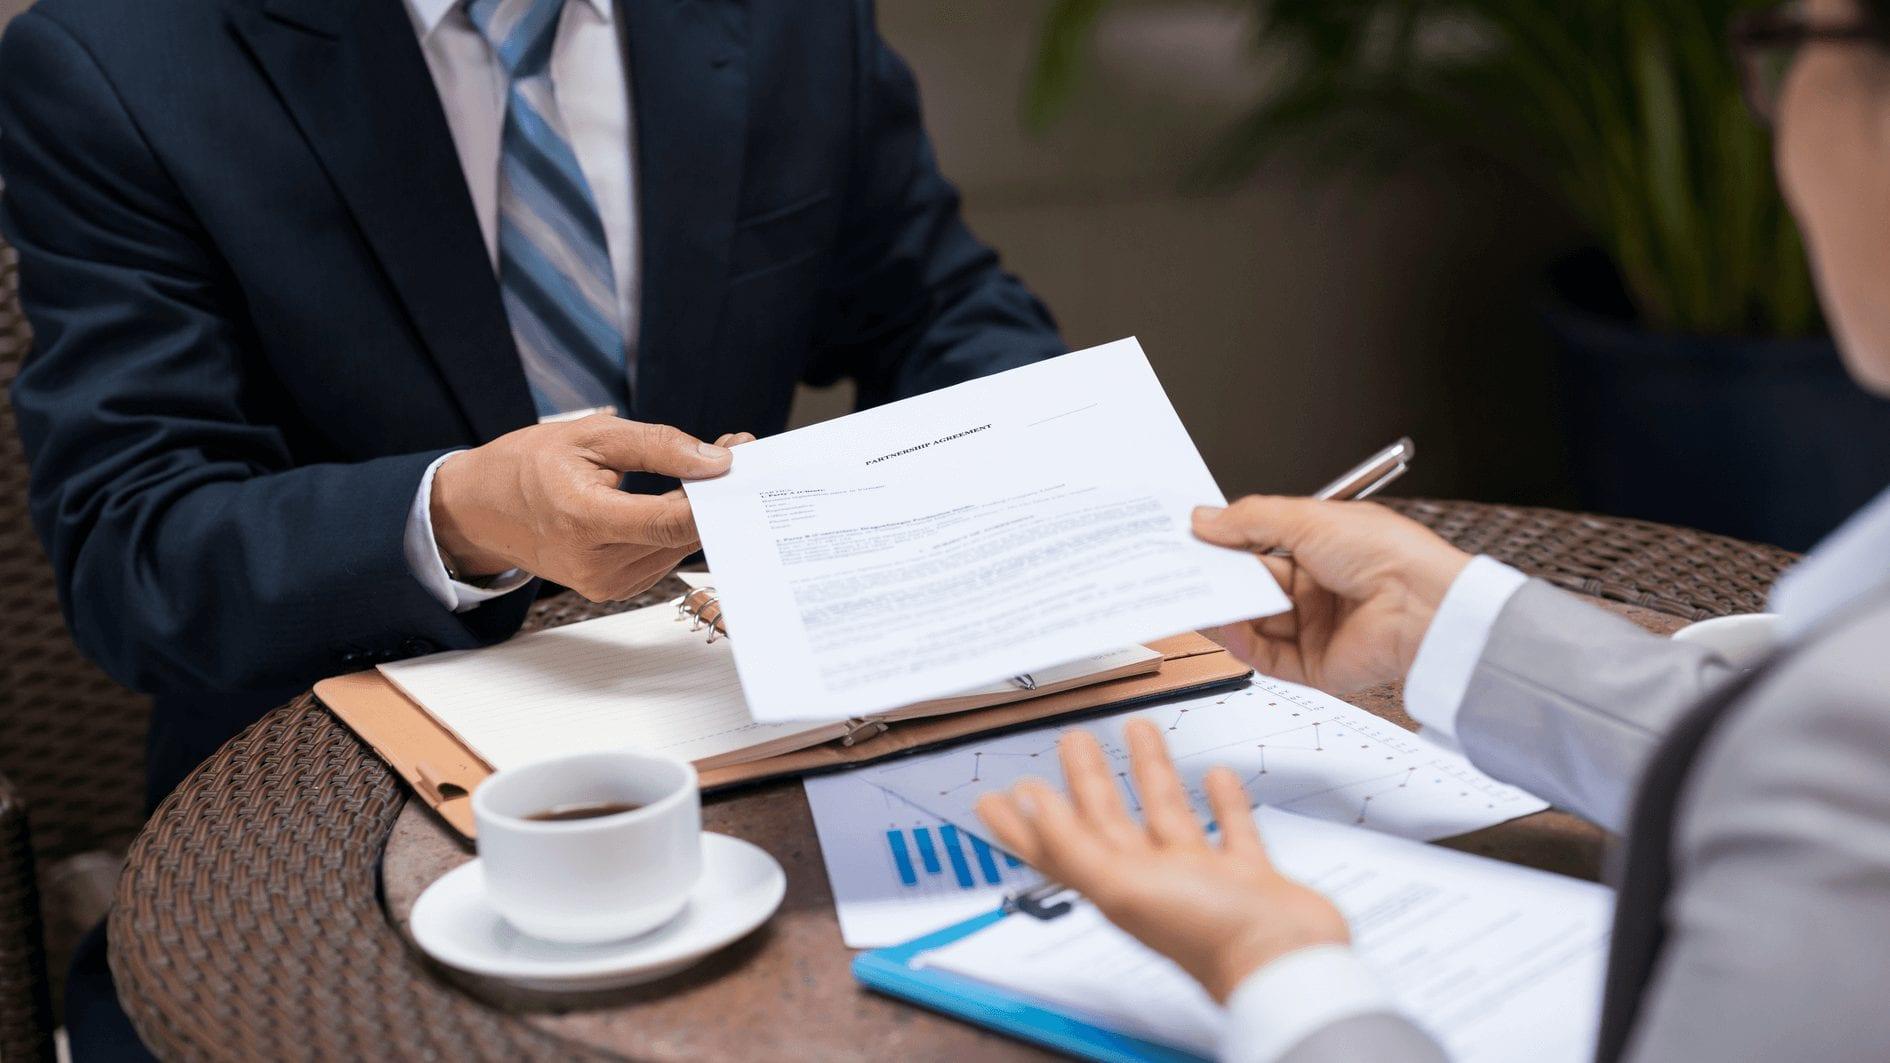 Slip Gaji Karyawan: Ini 3 Manfaat Utamanya bagi Karyawan